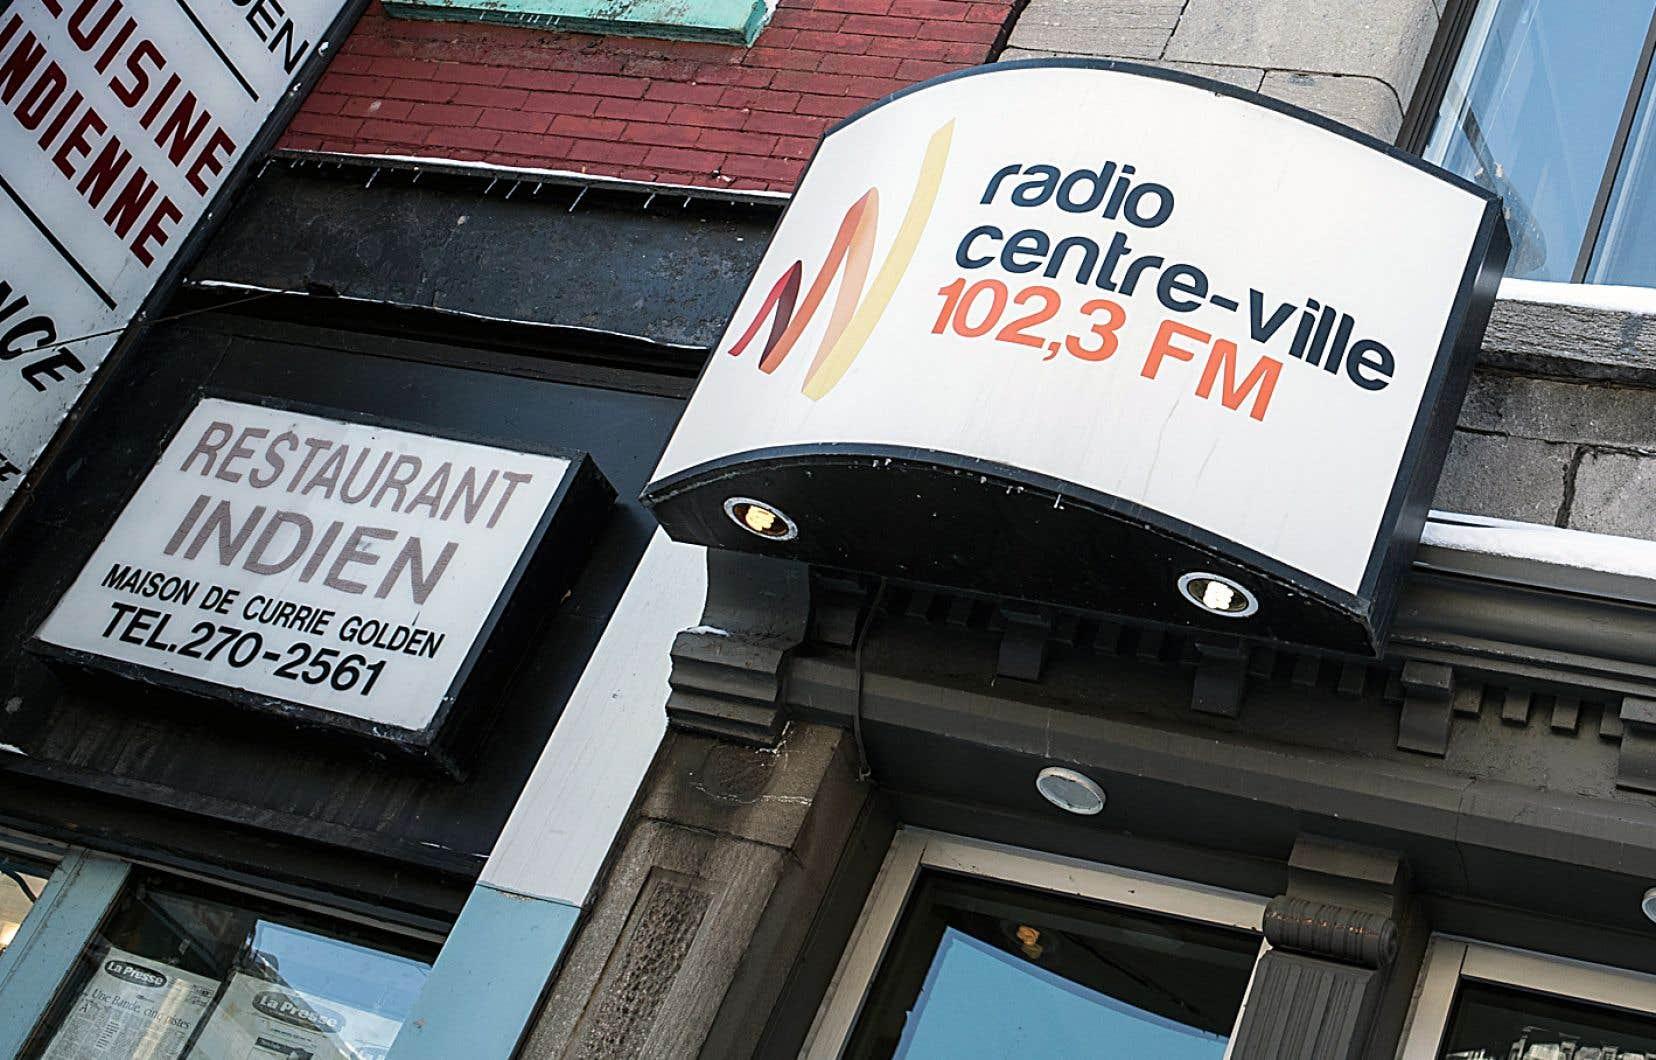 Huit membres de la station diffusant son contenu à Montréal au 102,3 FM ont décidé lundi d'abandonner leur contestation judiciaire de l'assemblée générale du 22janvier 2017.